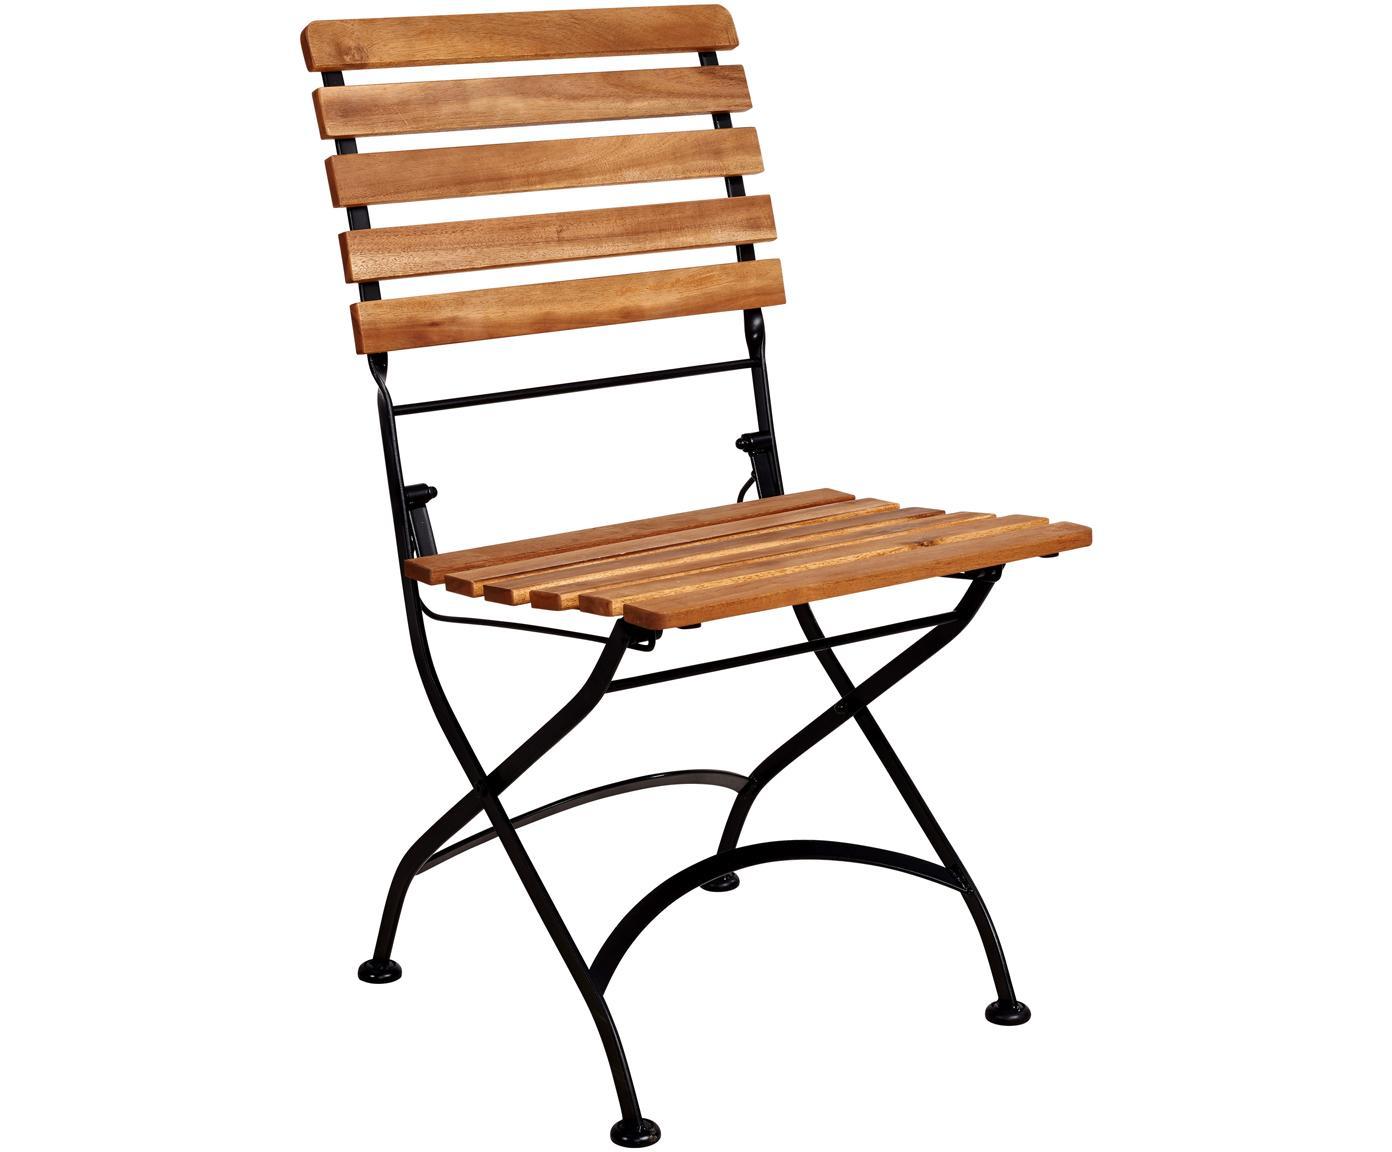 Sedia pieghevole Parklife 2 pz, Seduta: legno di acacia, oliato, , Struttura: metallo zincato, vernicia, Nero, legno d'acacia, Larg. 47 x Prof. 54 cm